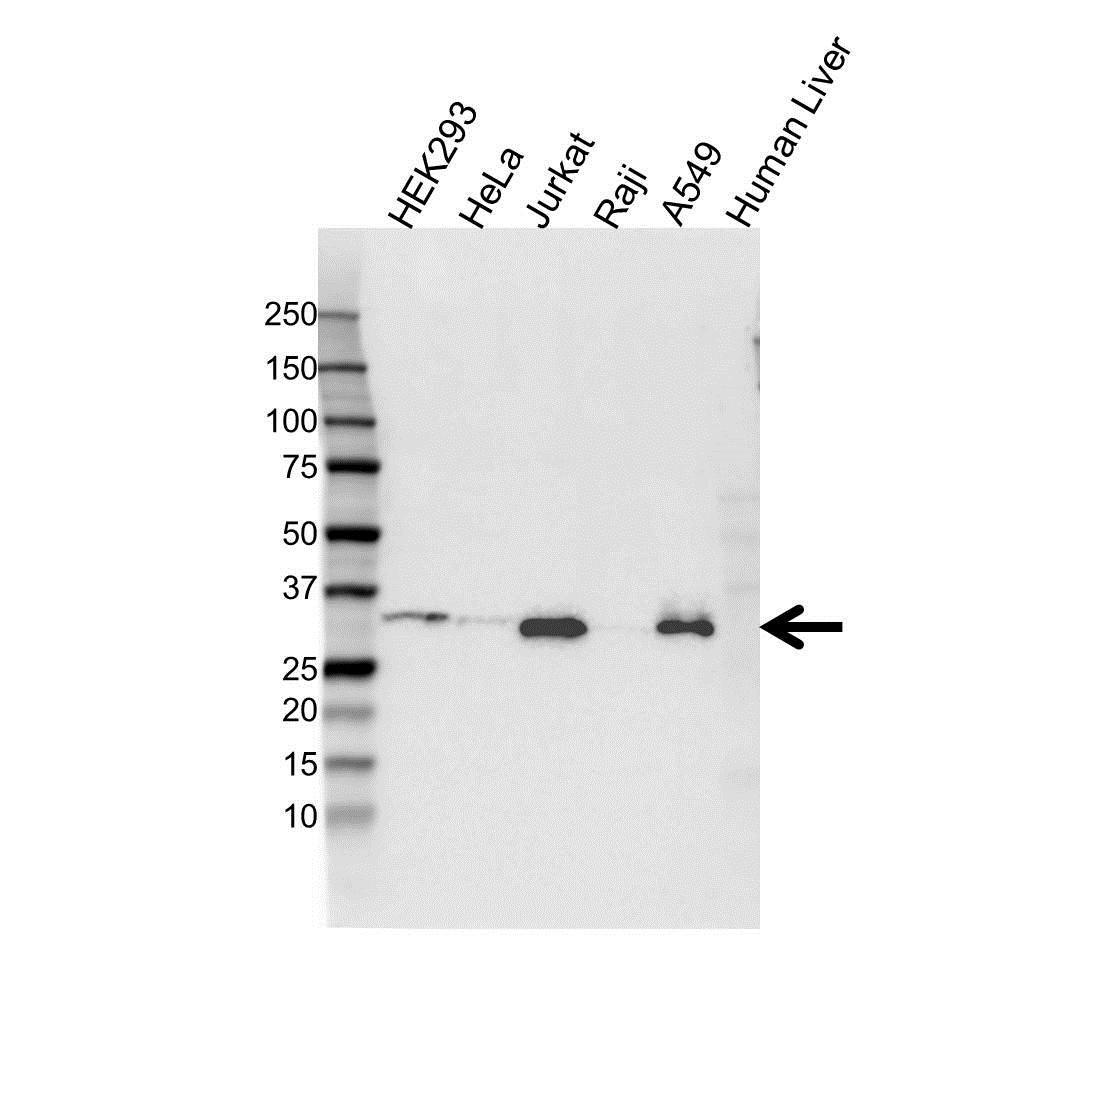 Anti Histone H1.3 Antibody (PrecisionAb™ Polyclonal Antibody) gallery image 1